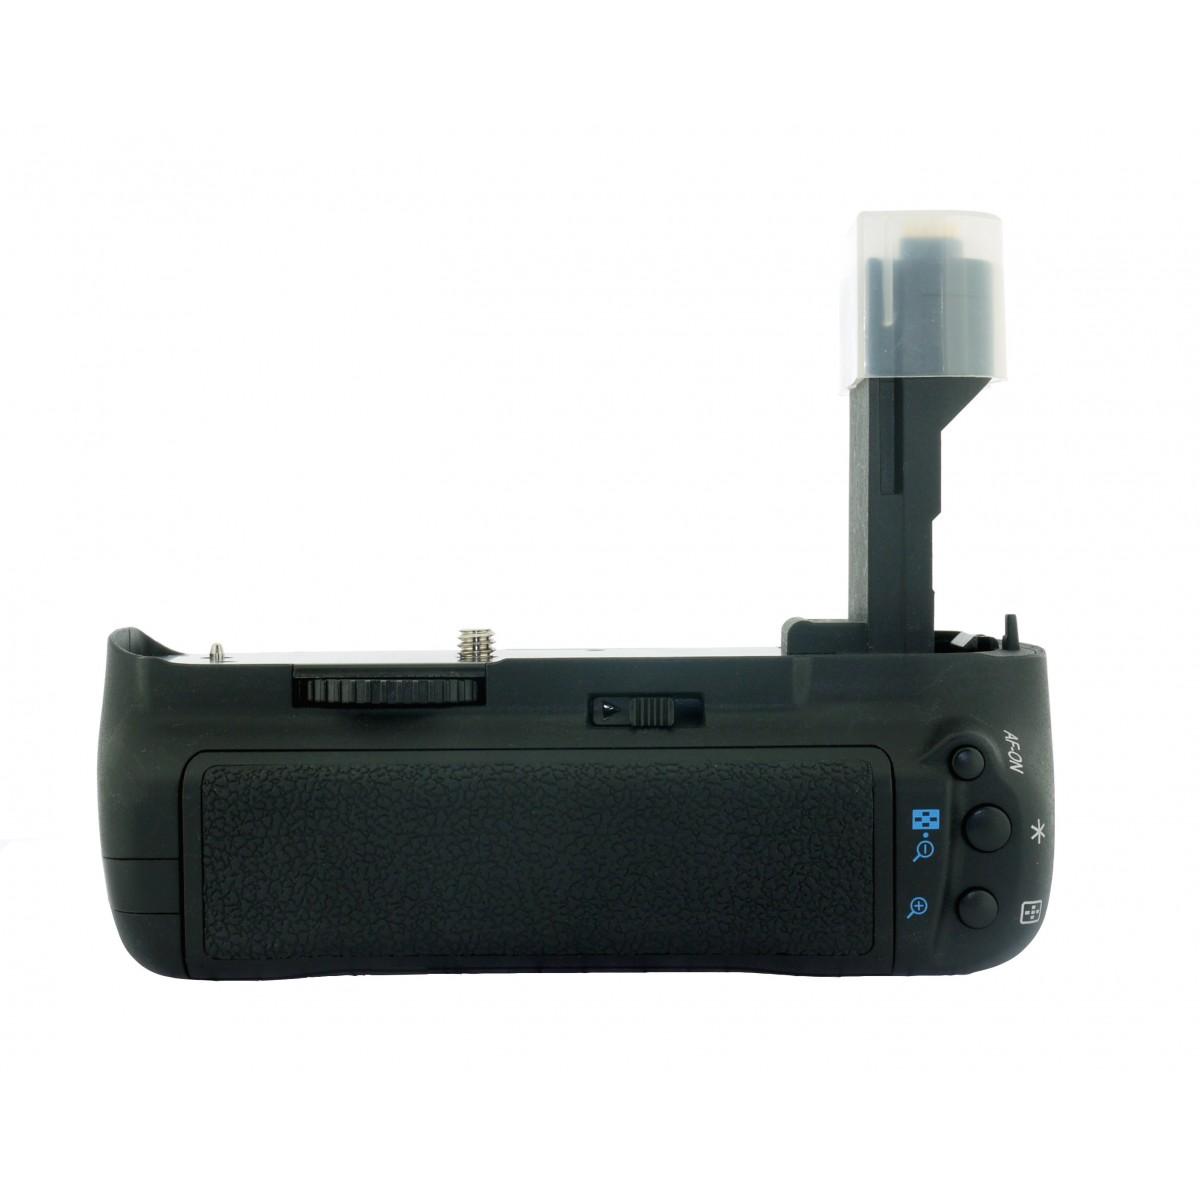 Kit BATTERY GRIP BG-E7 PARA CANON EOS 7D + 2 Baterias LP-E6 + 1 Carregador